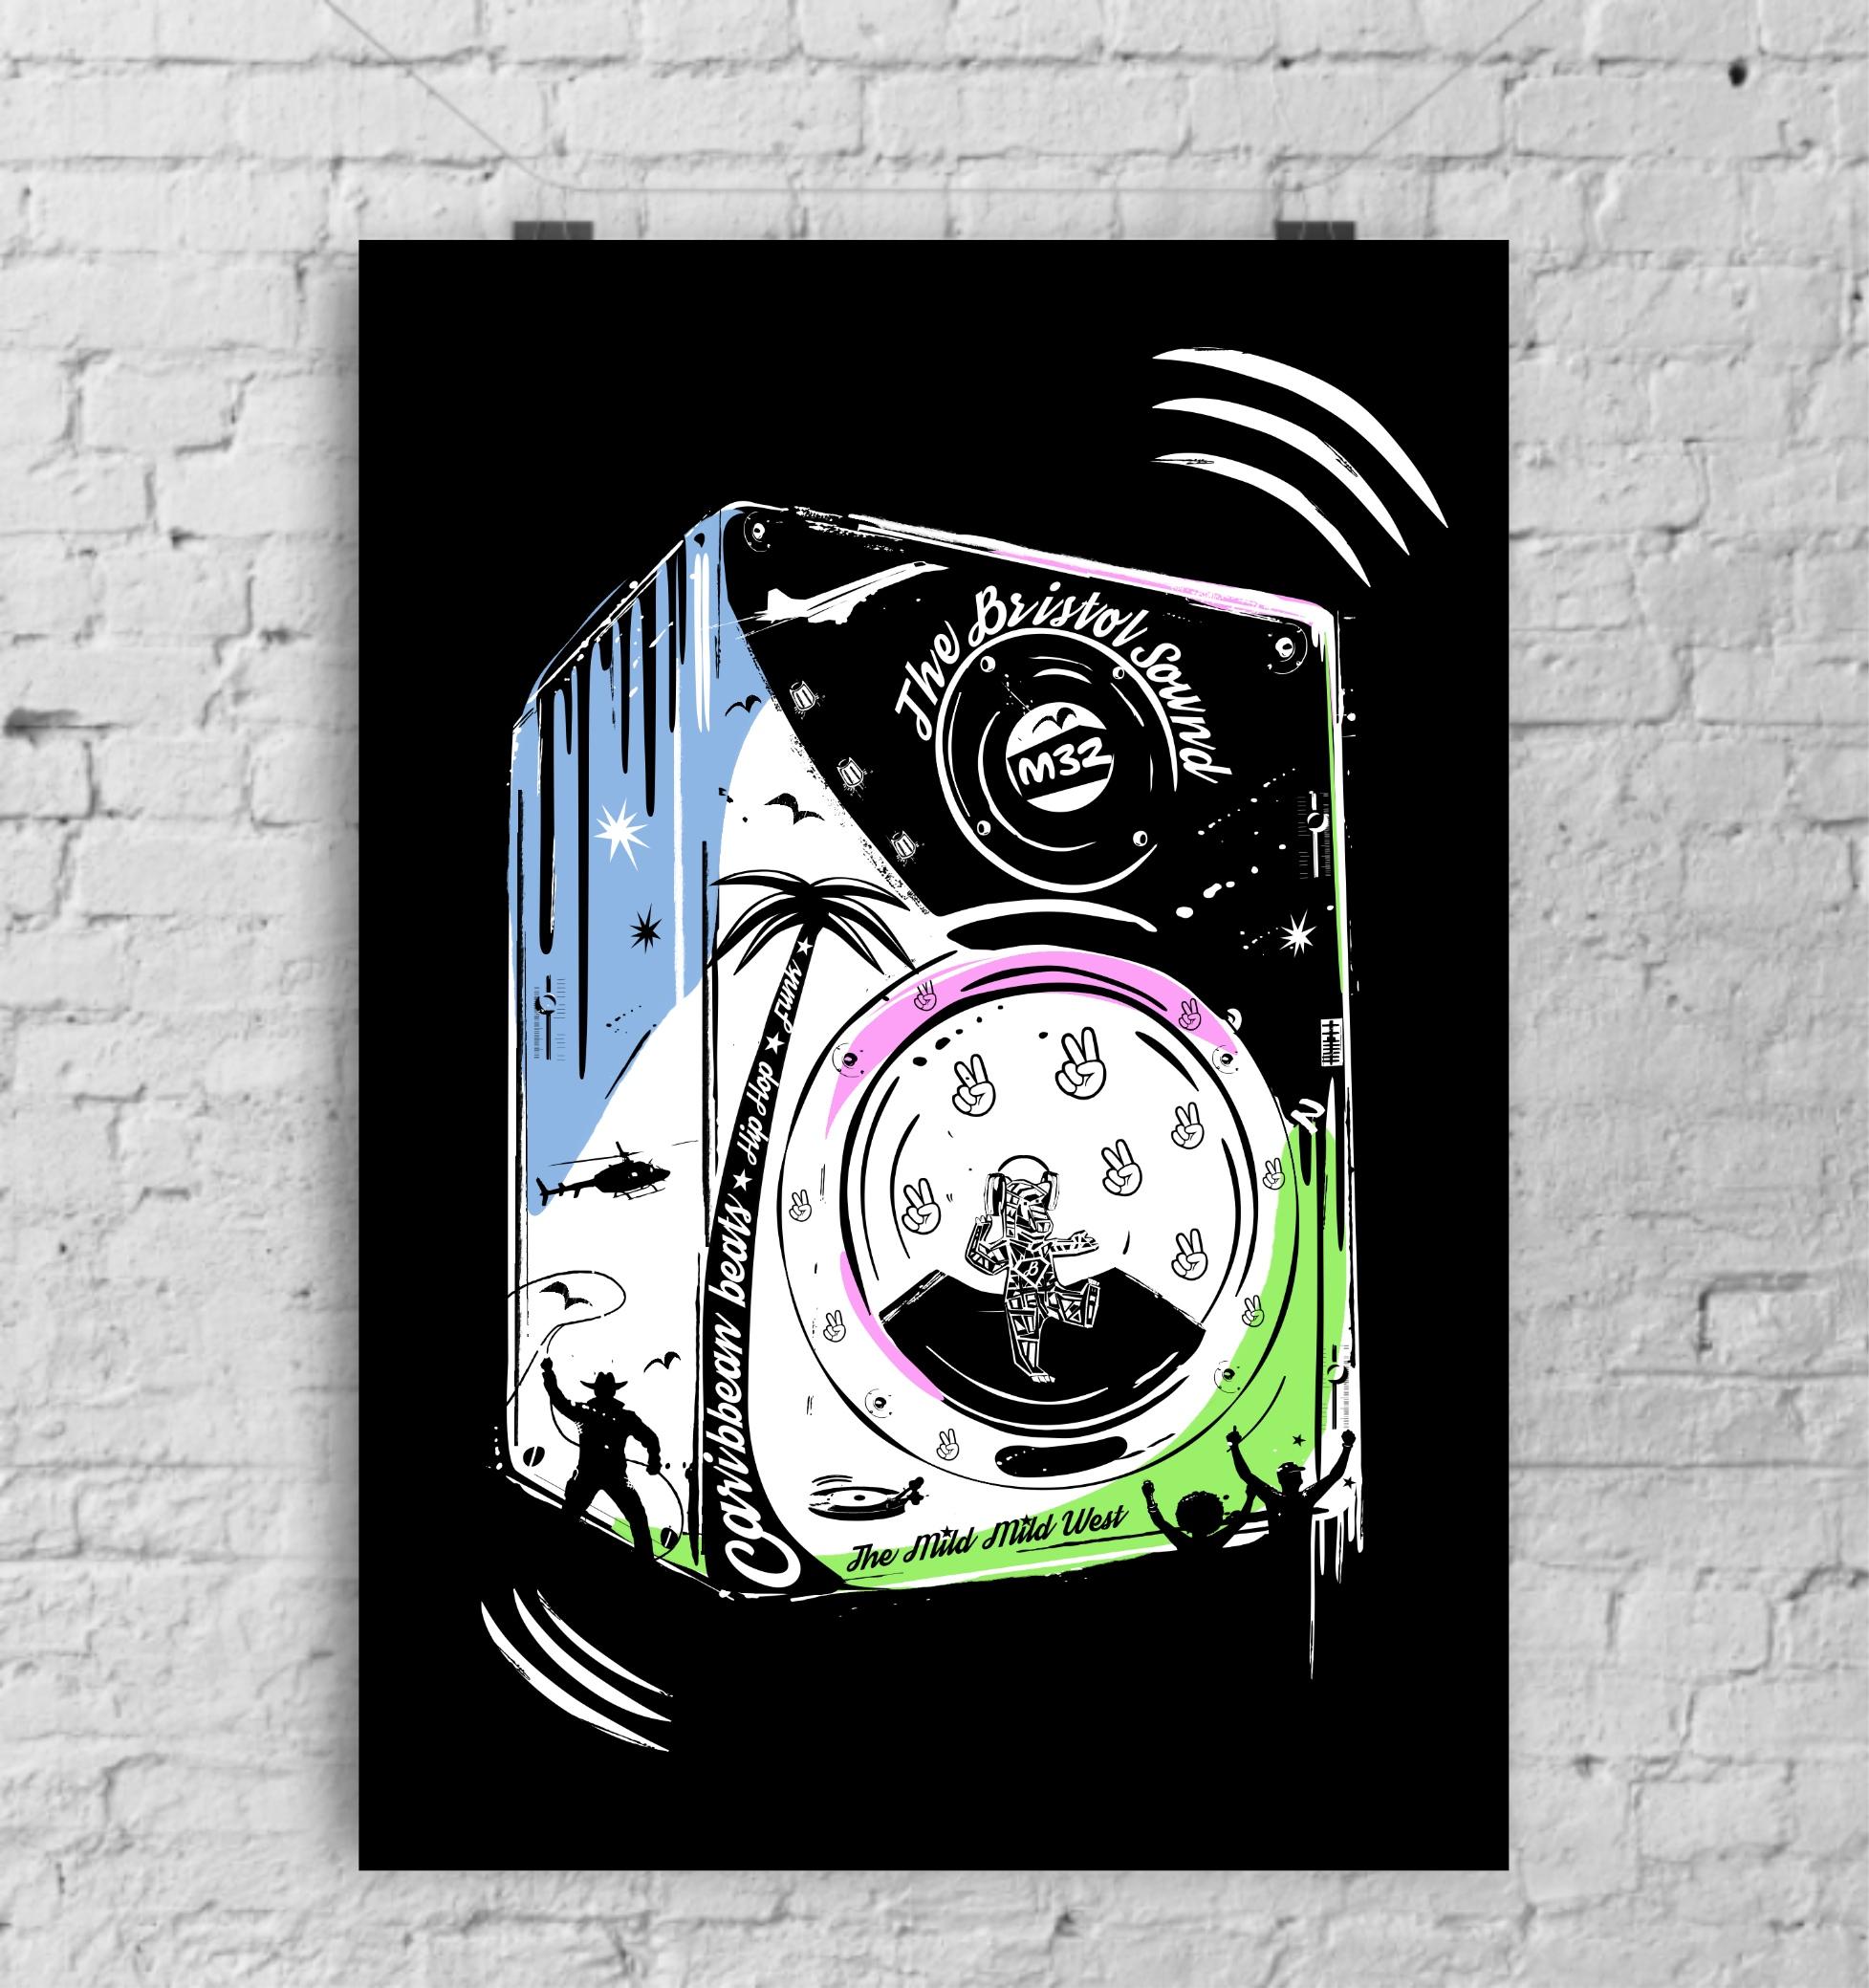 The Bristol Sound - art print by Lou Boyce